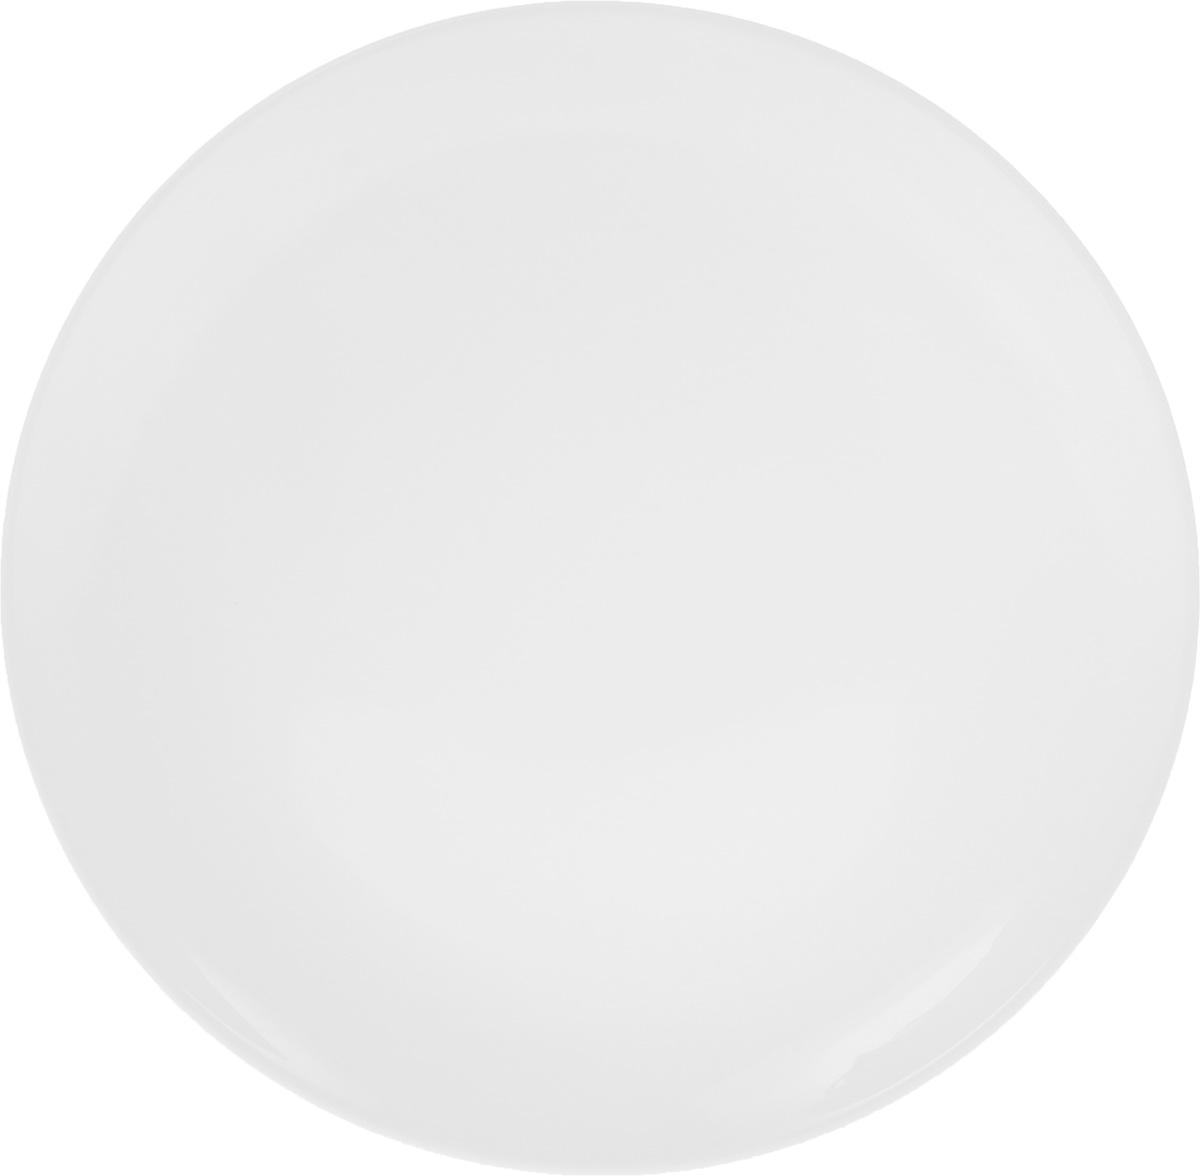 Тарелка Wilmax, диаметр 23 см